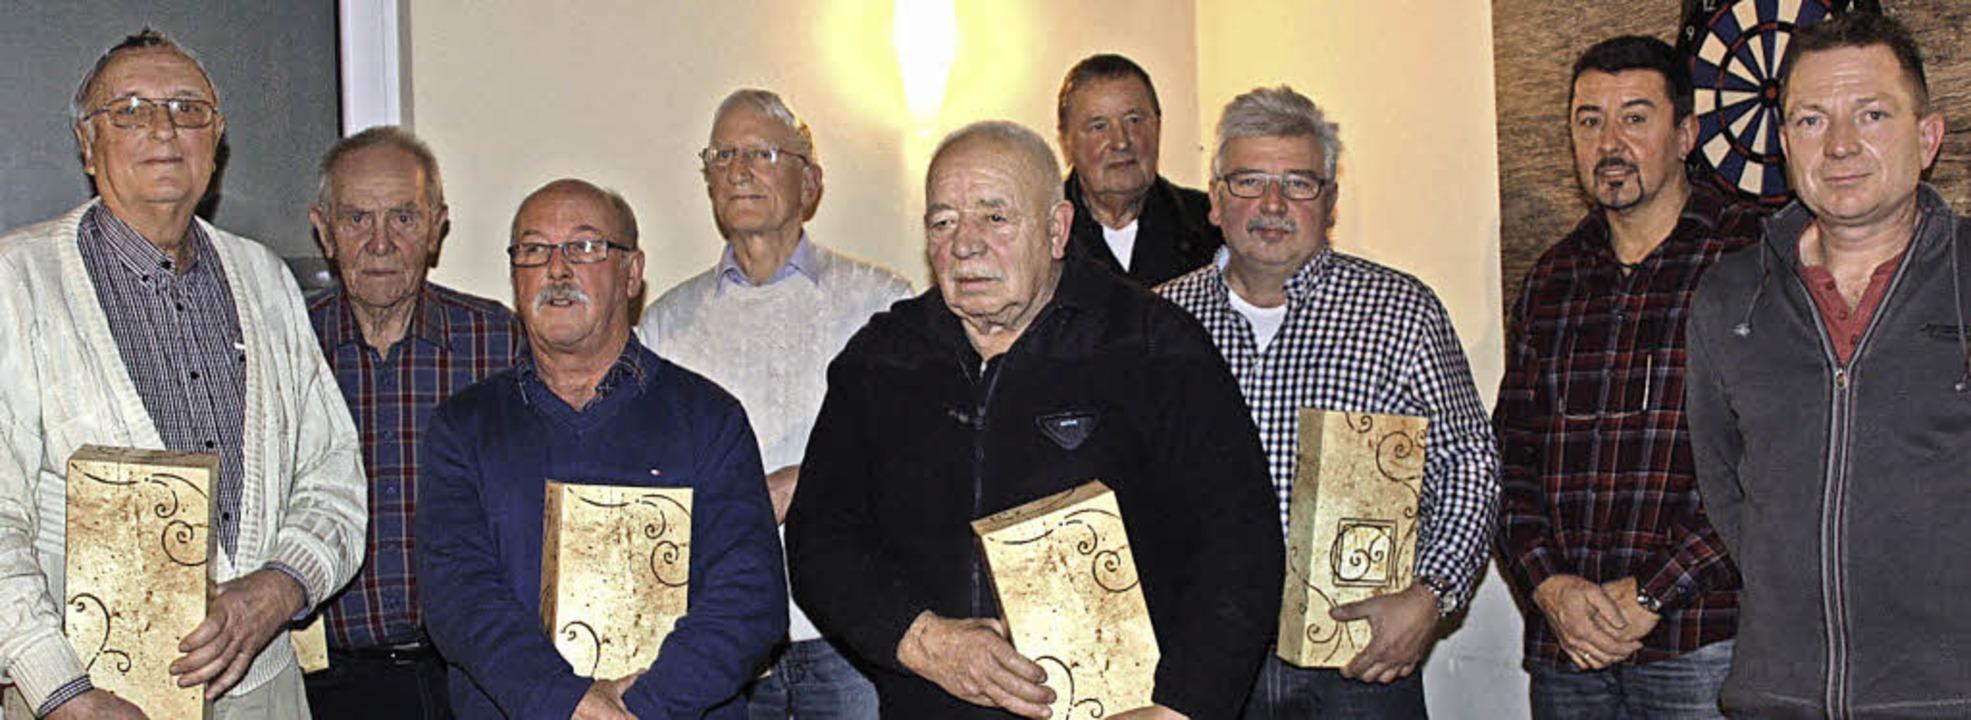 Für 40 Jahre Mitgliedschaft beim Angel...änner (von rechts) sieben Mitglieder.   | Foto: Christiane Franz